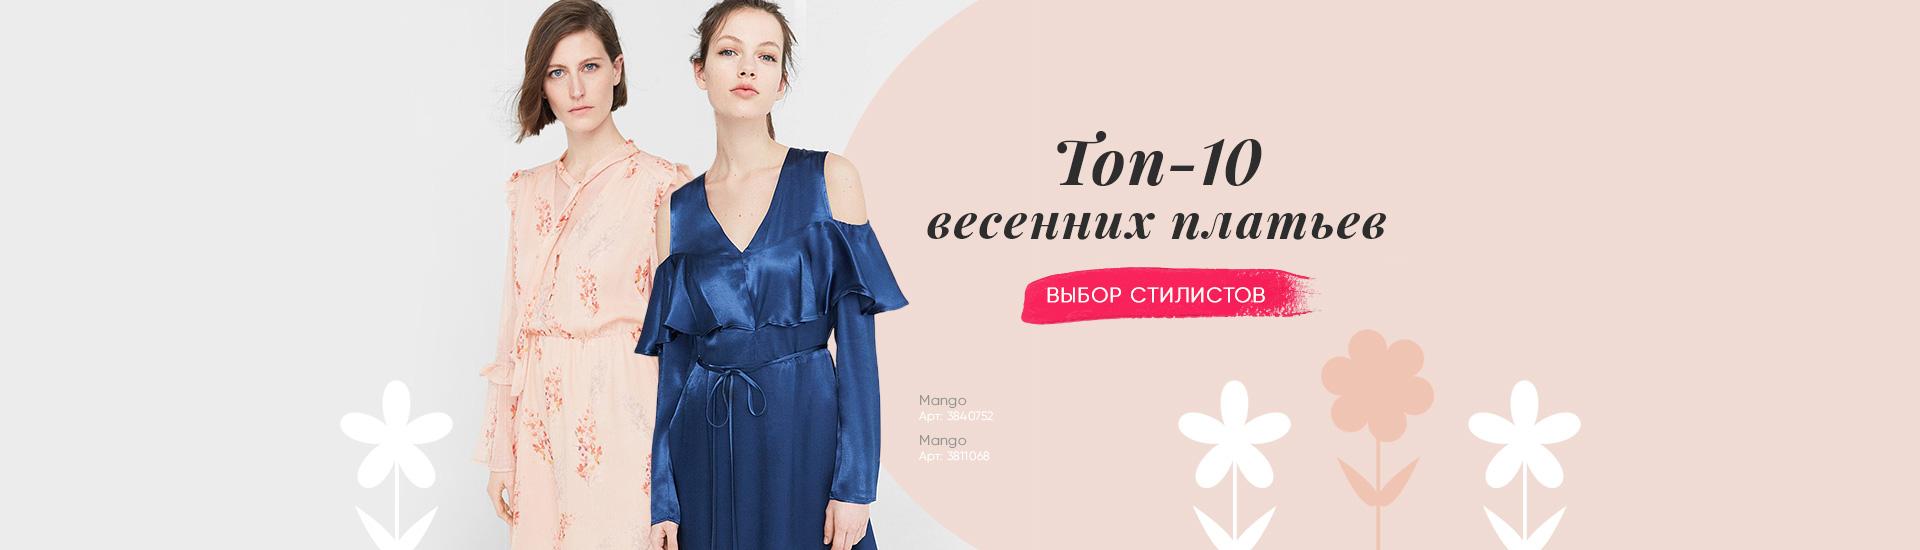 Топ-10 весенних платьев